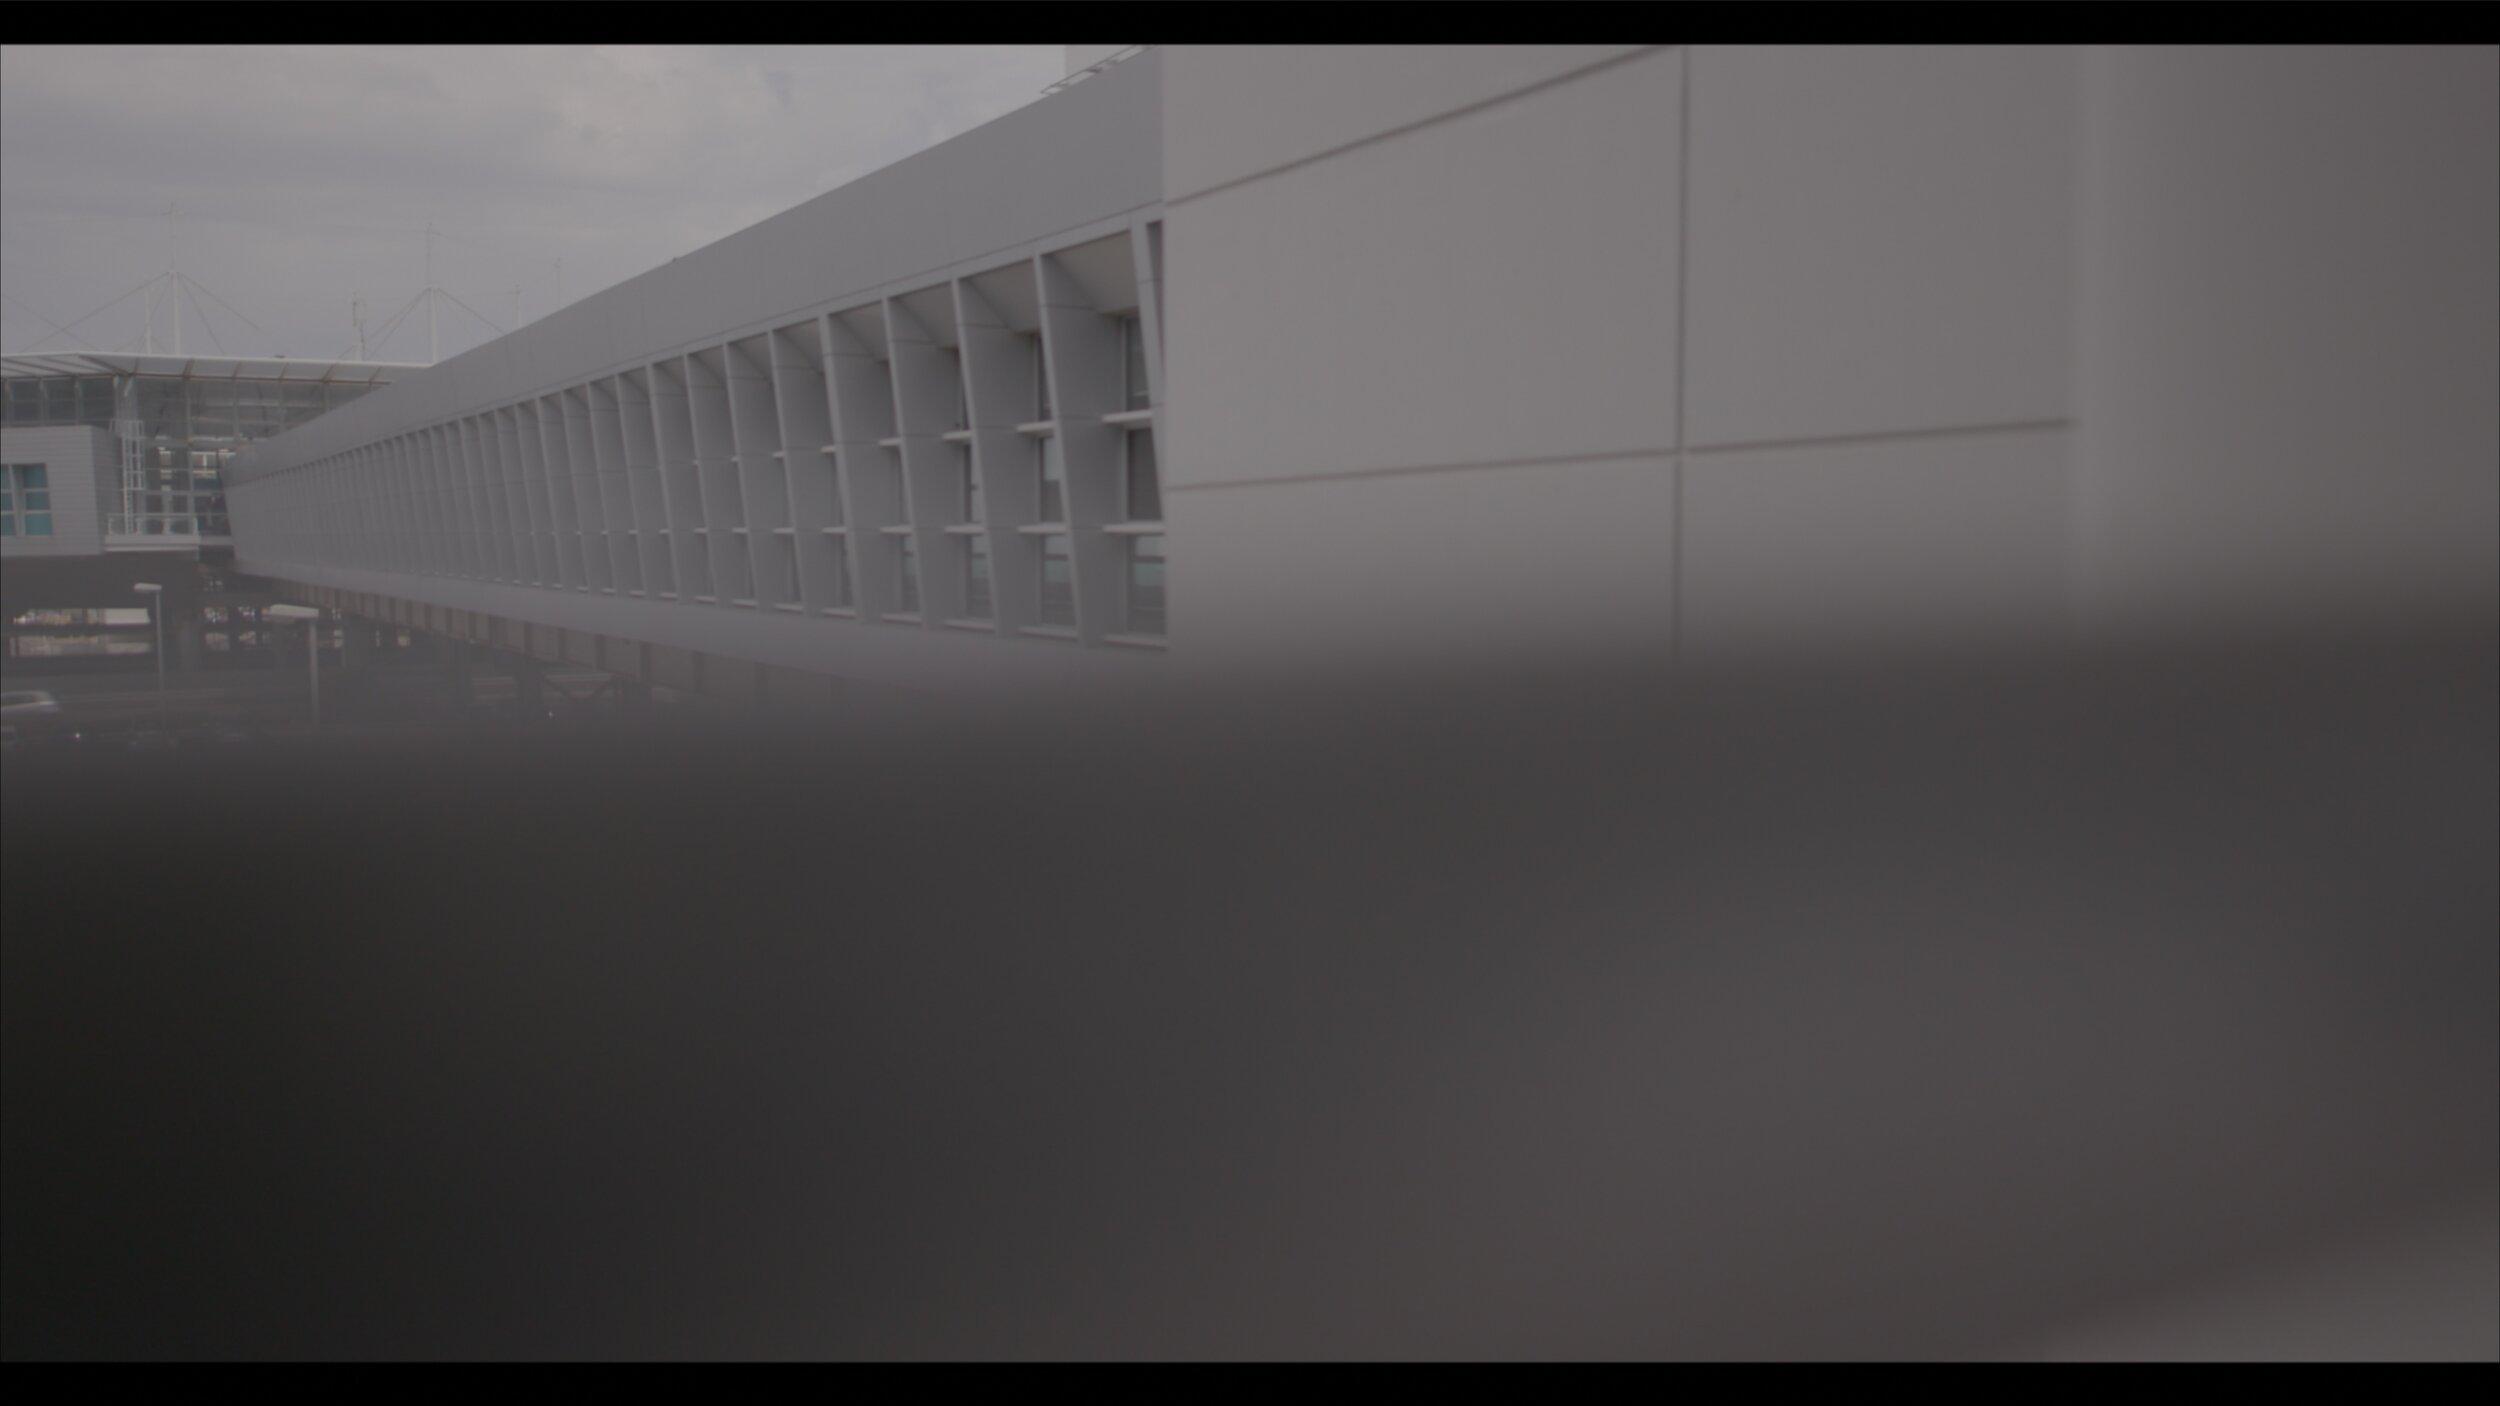 Screenshot 2019-10-07 at 15.50.28.jpg